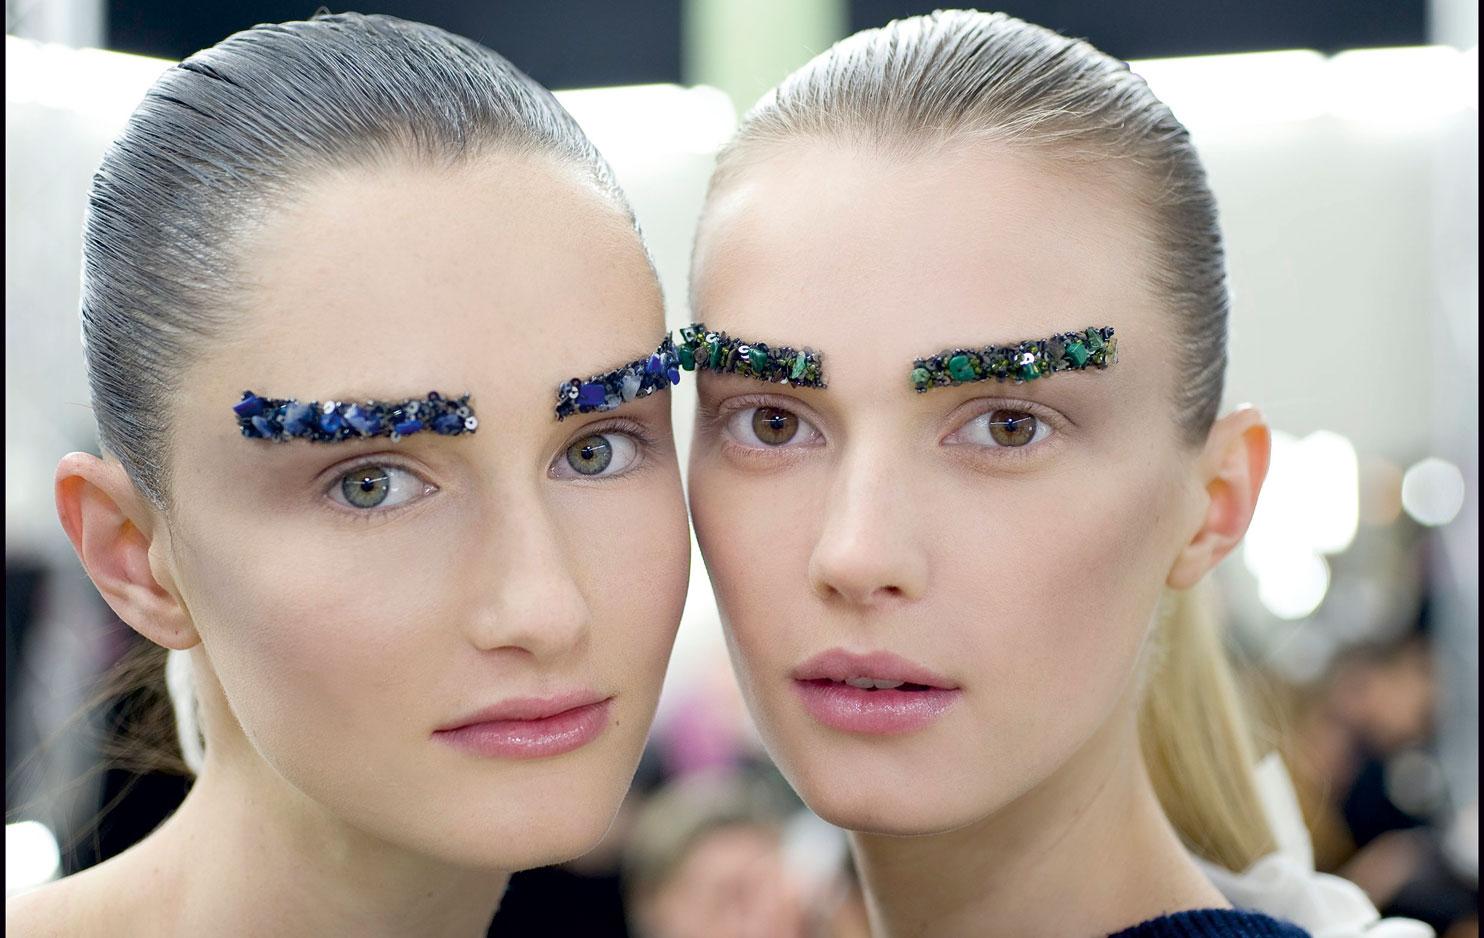 Представленные на показе бренда Chanel накладные брови не стали модным трендом и подходят разве что для фотосессий